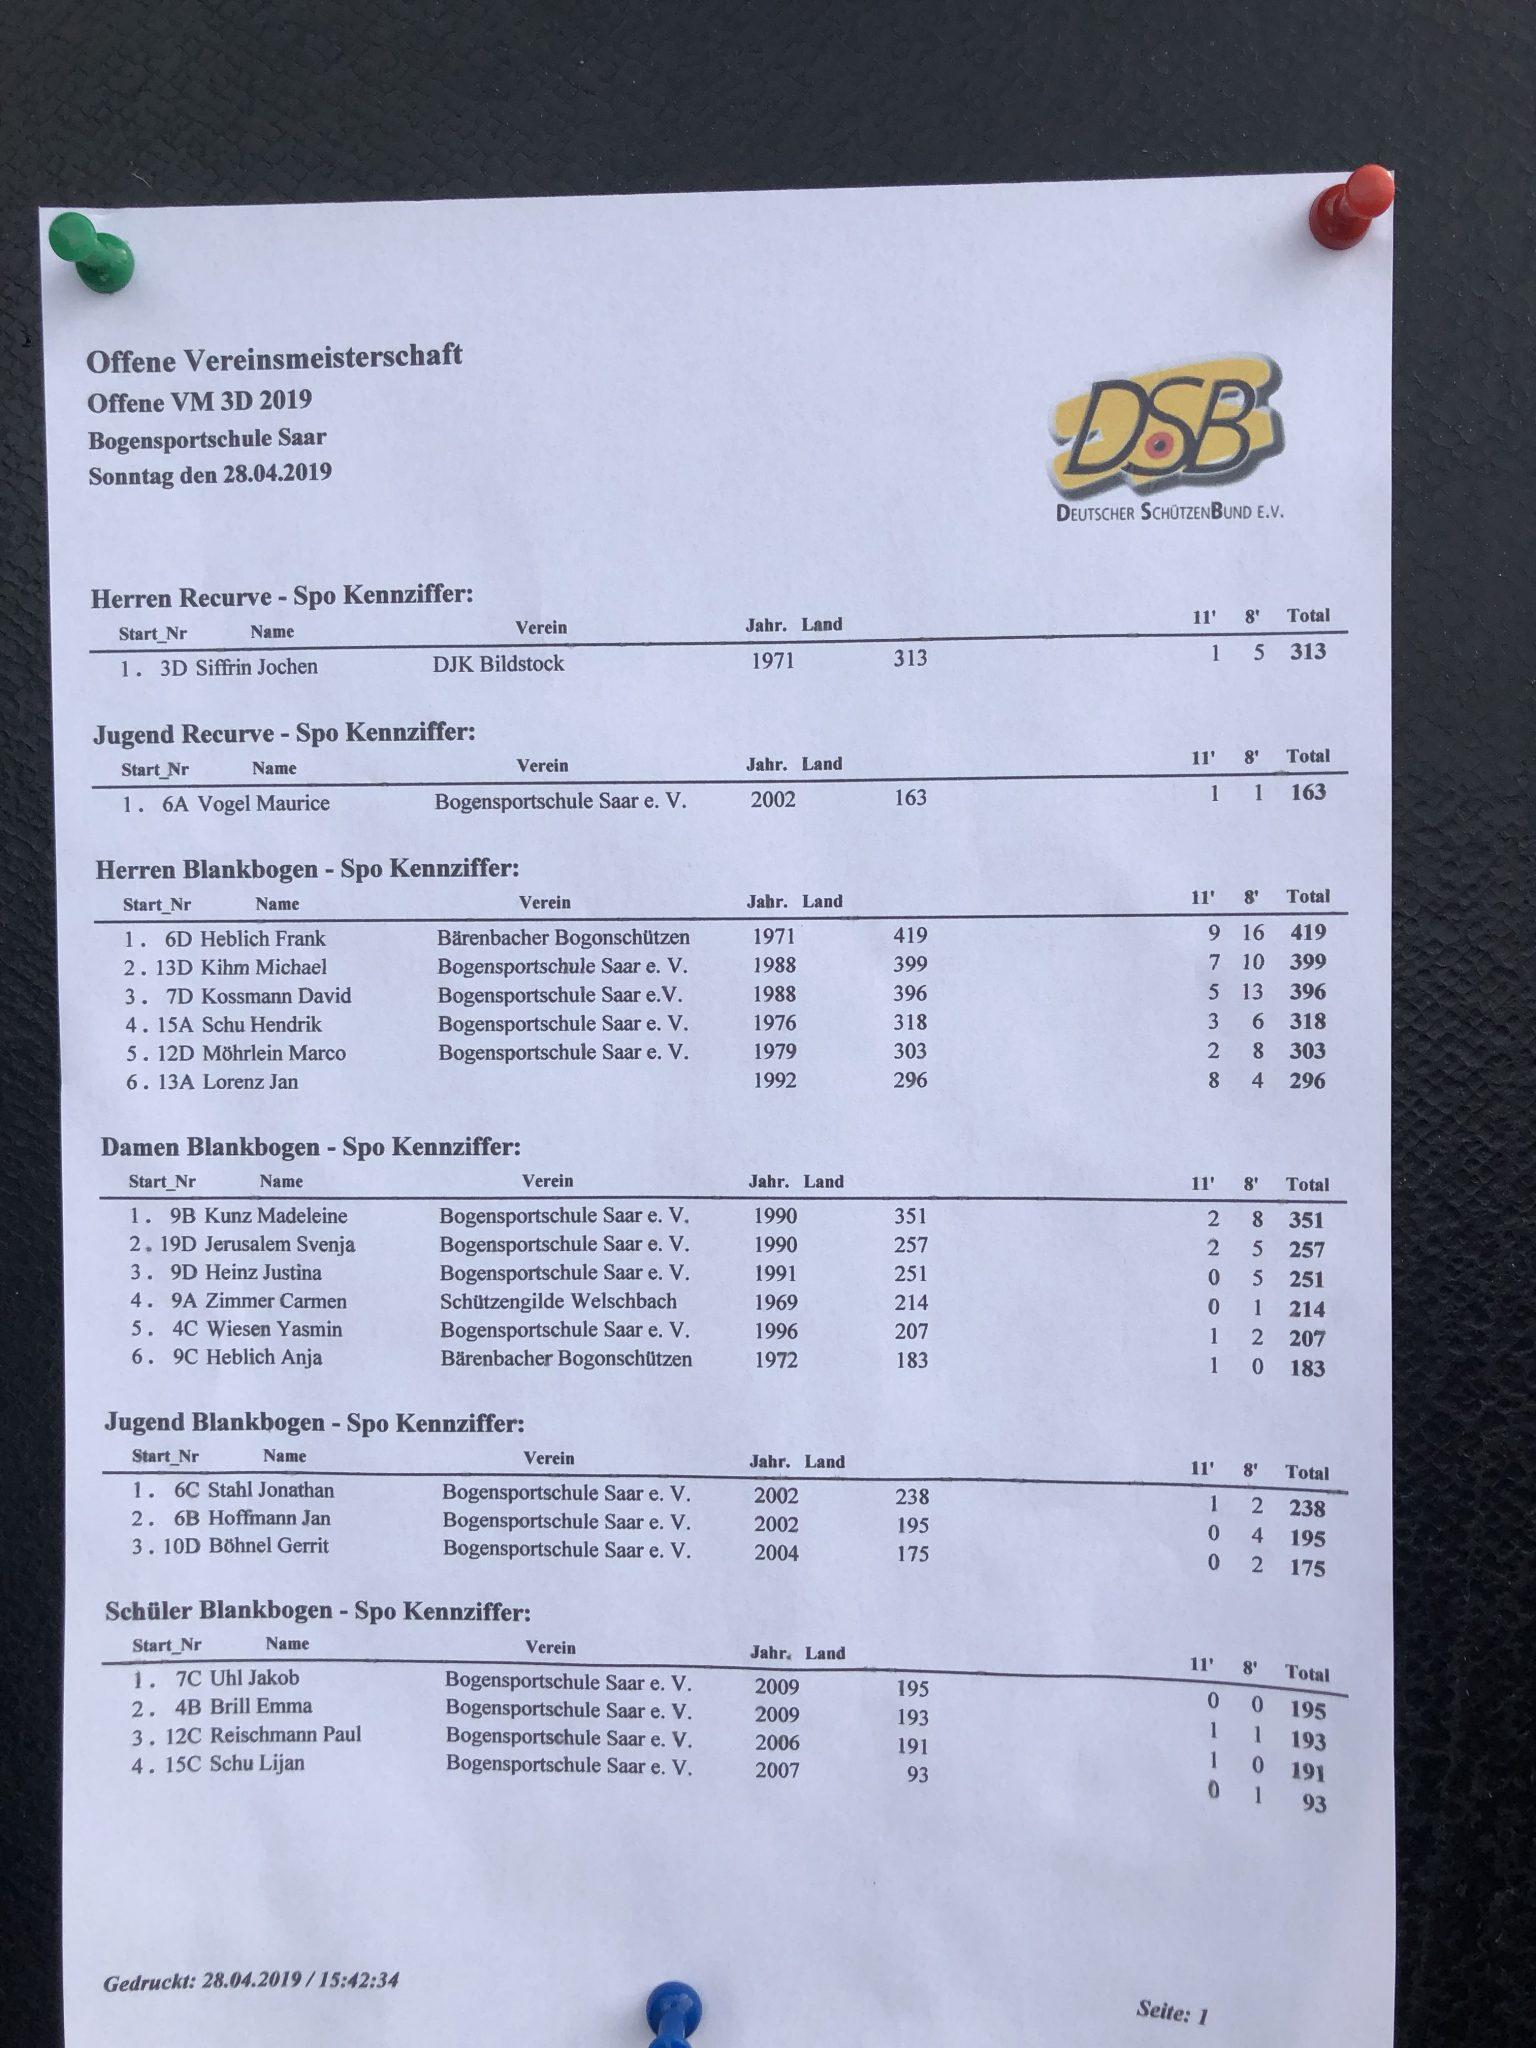 3d-Arrowhead-Turnier | Bogensportschule Saar e.V.